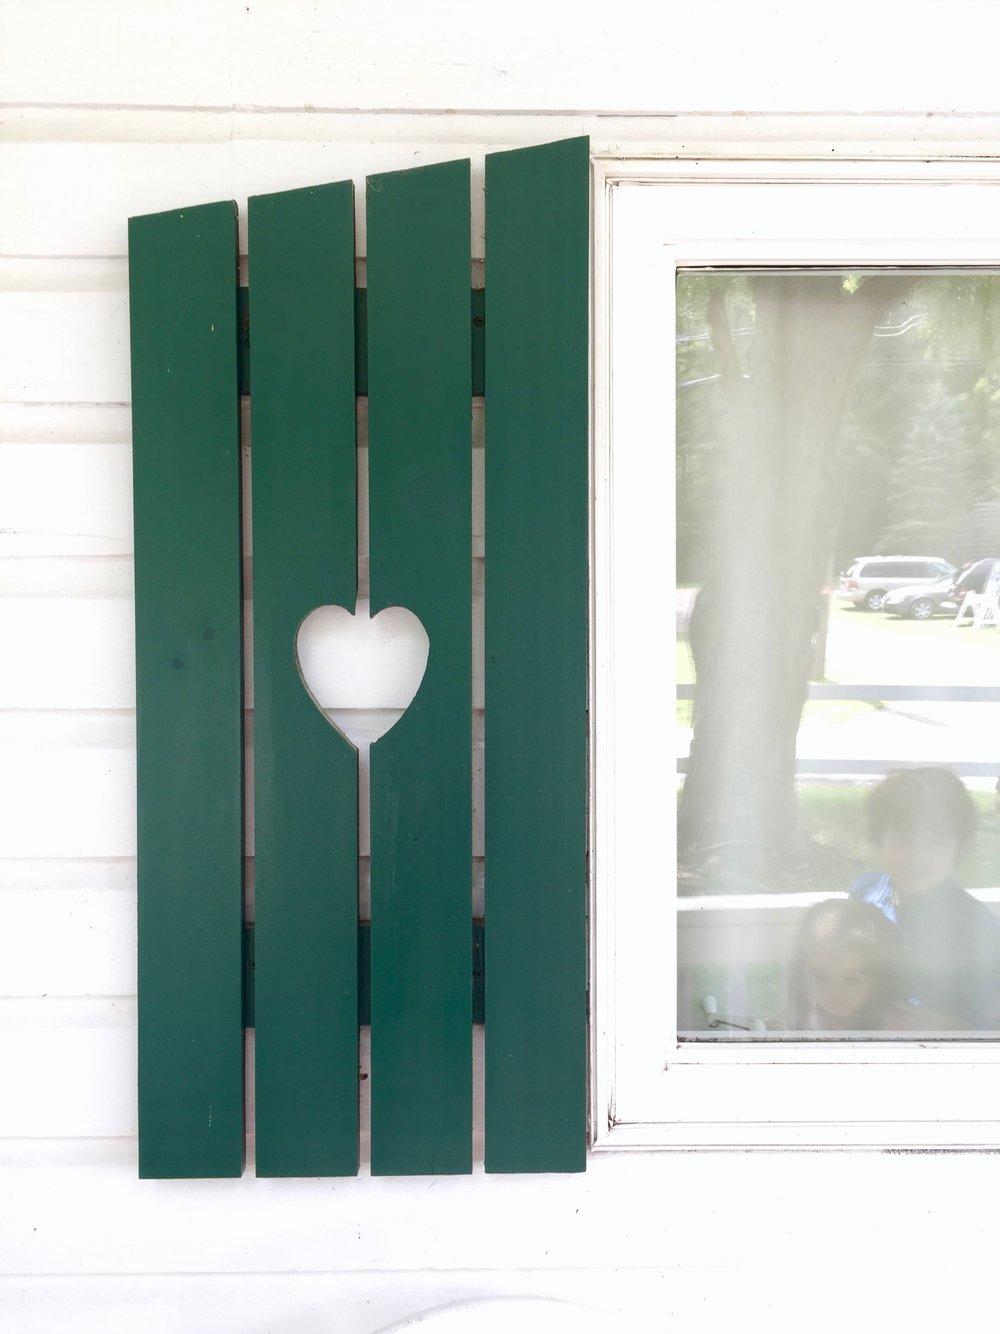 shamrock window shutters